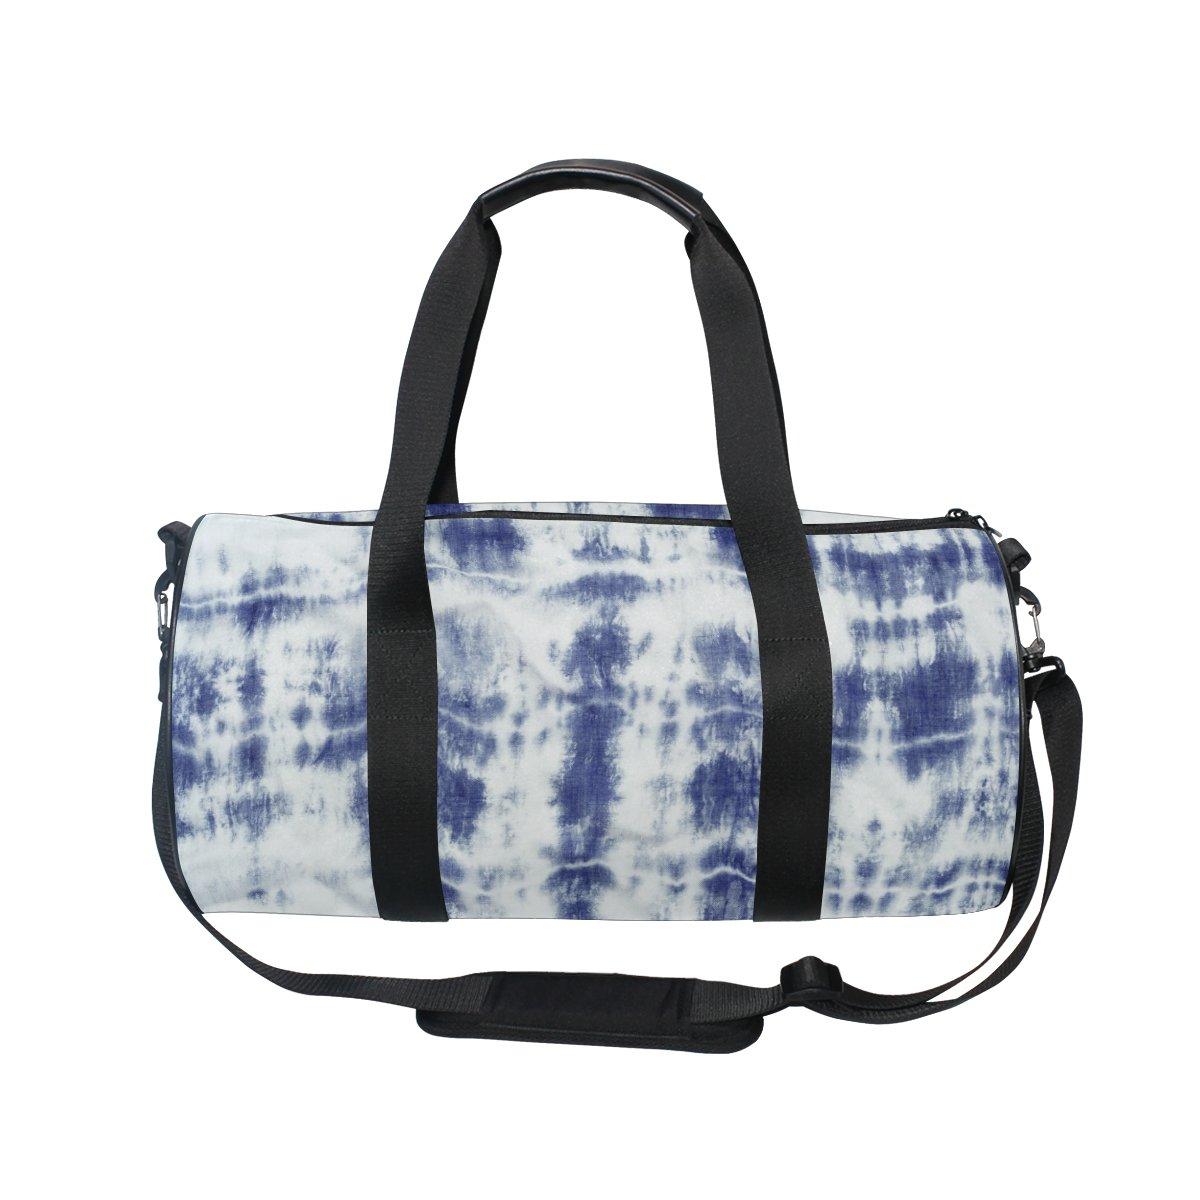 ALAZA Grunge Blue Tie Dye Sports Gym Duffel Bag Travel Luggage Handbag for Men Women